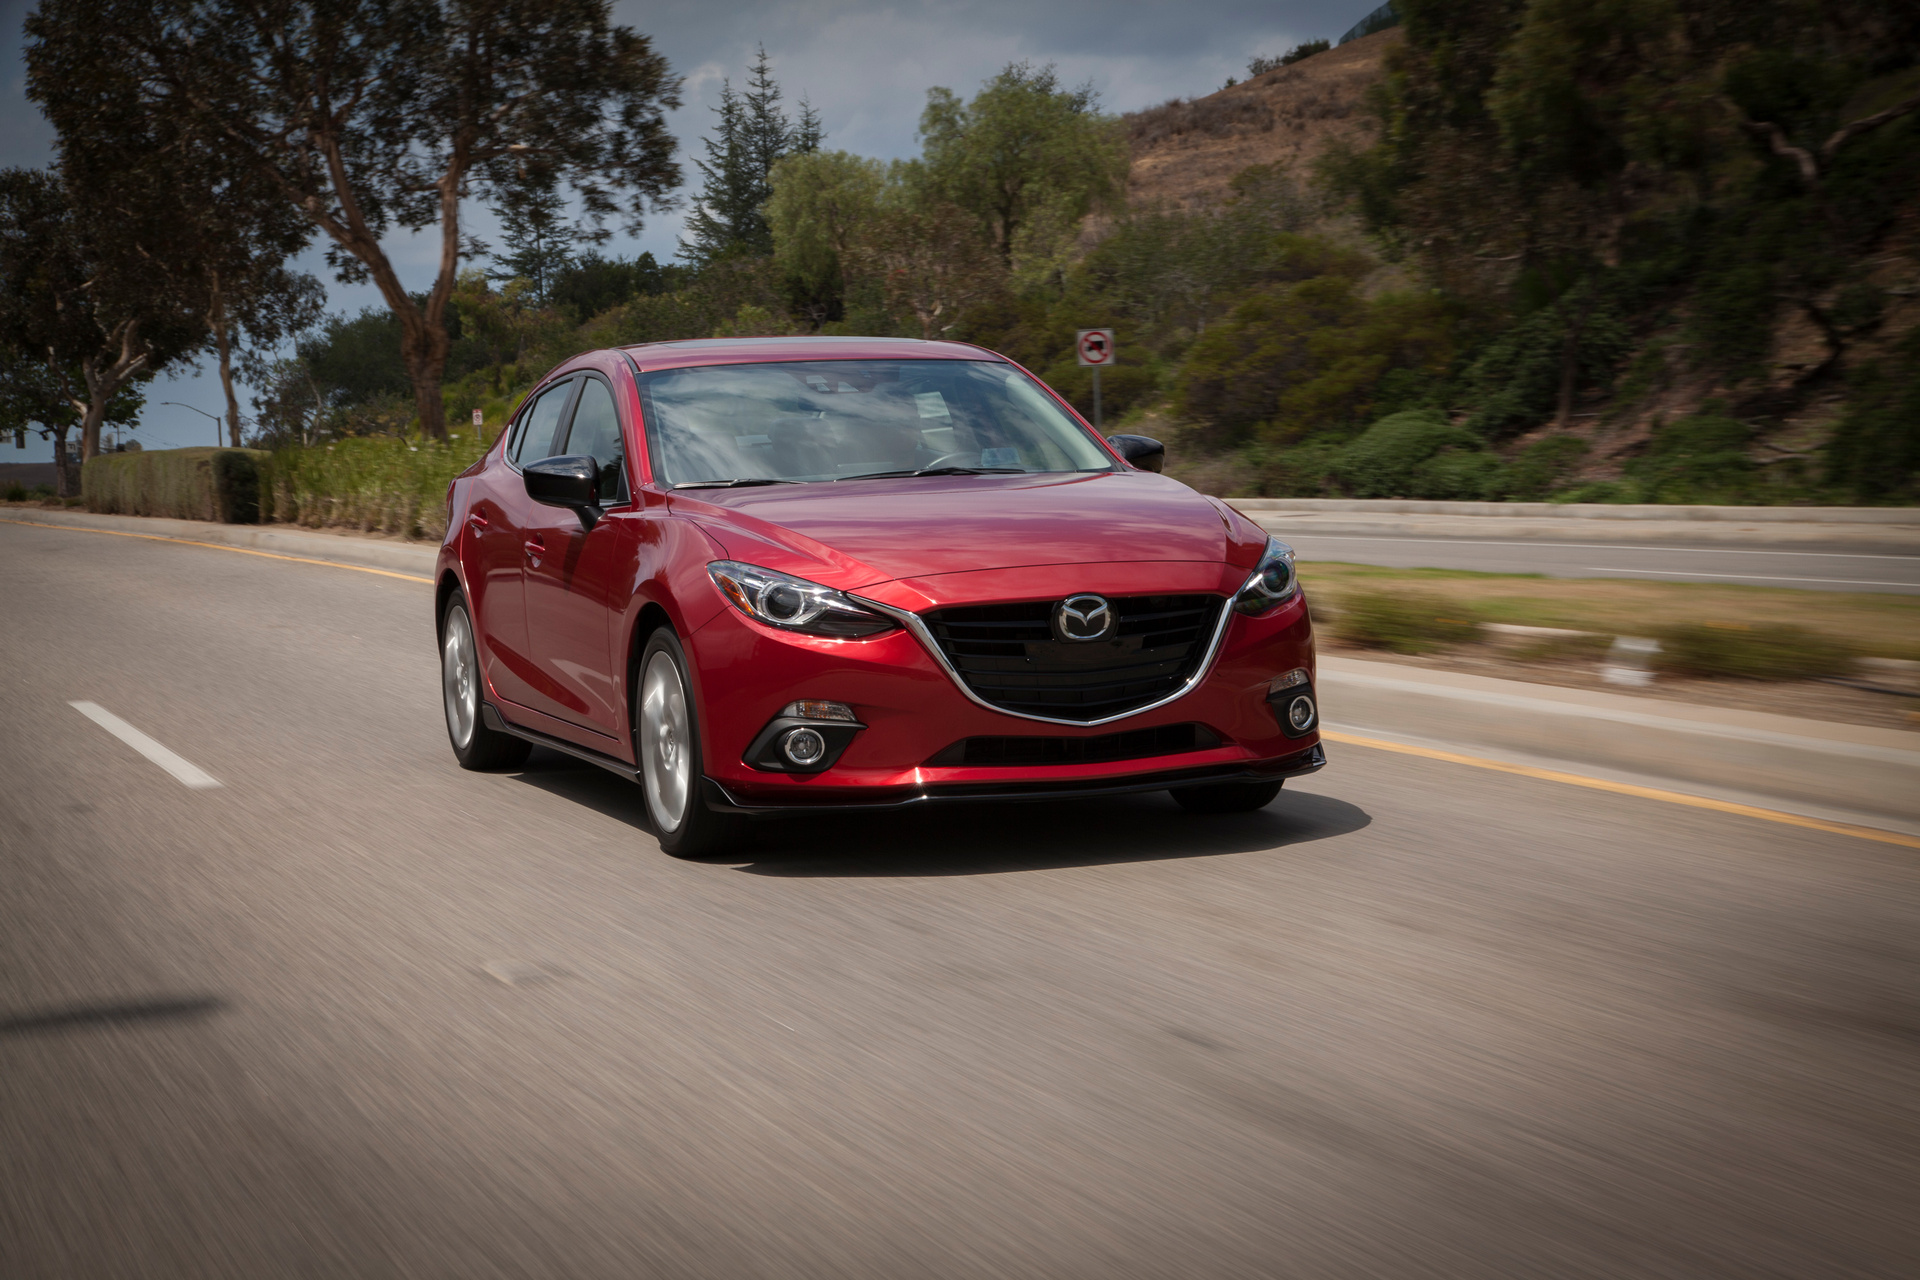 2016 Mazda3 © Mazda Motor Corporation